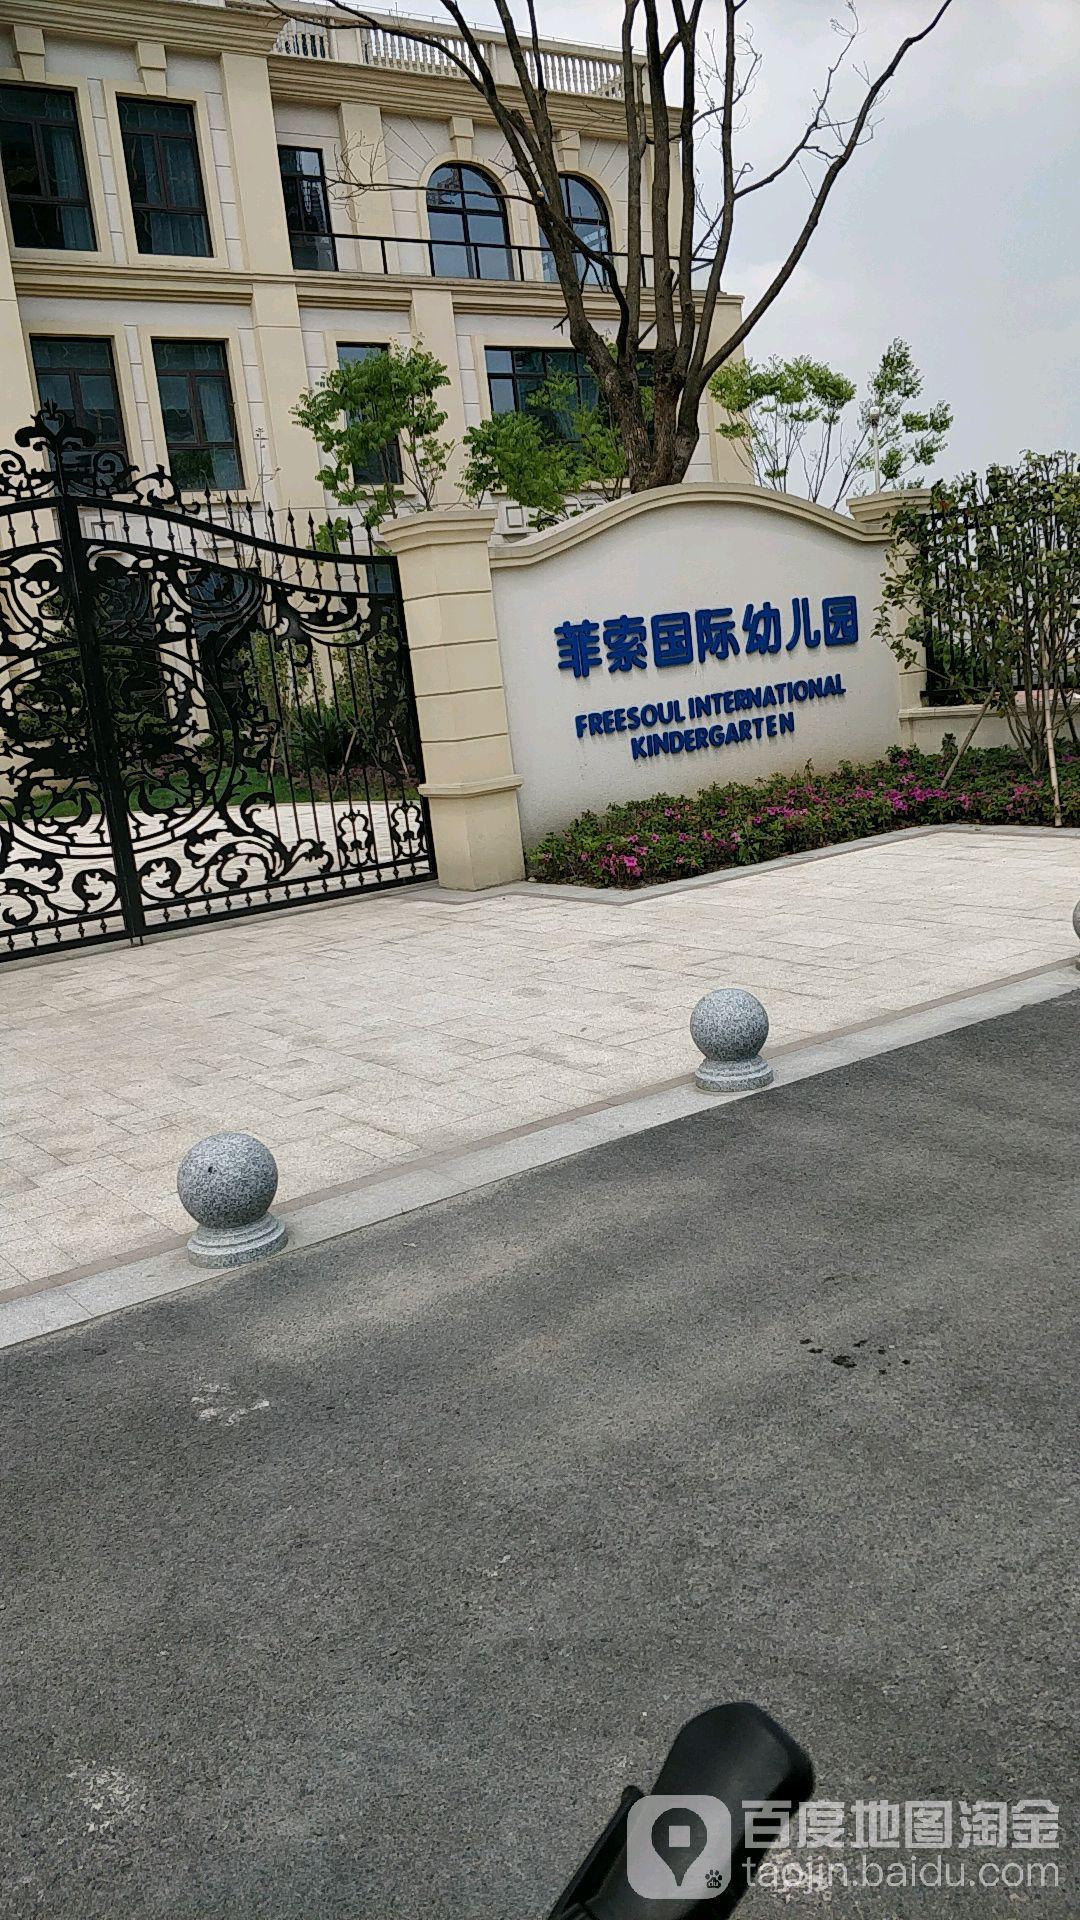 绍兴菲索国际幼儿园